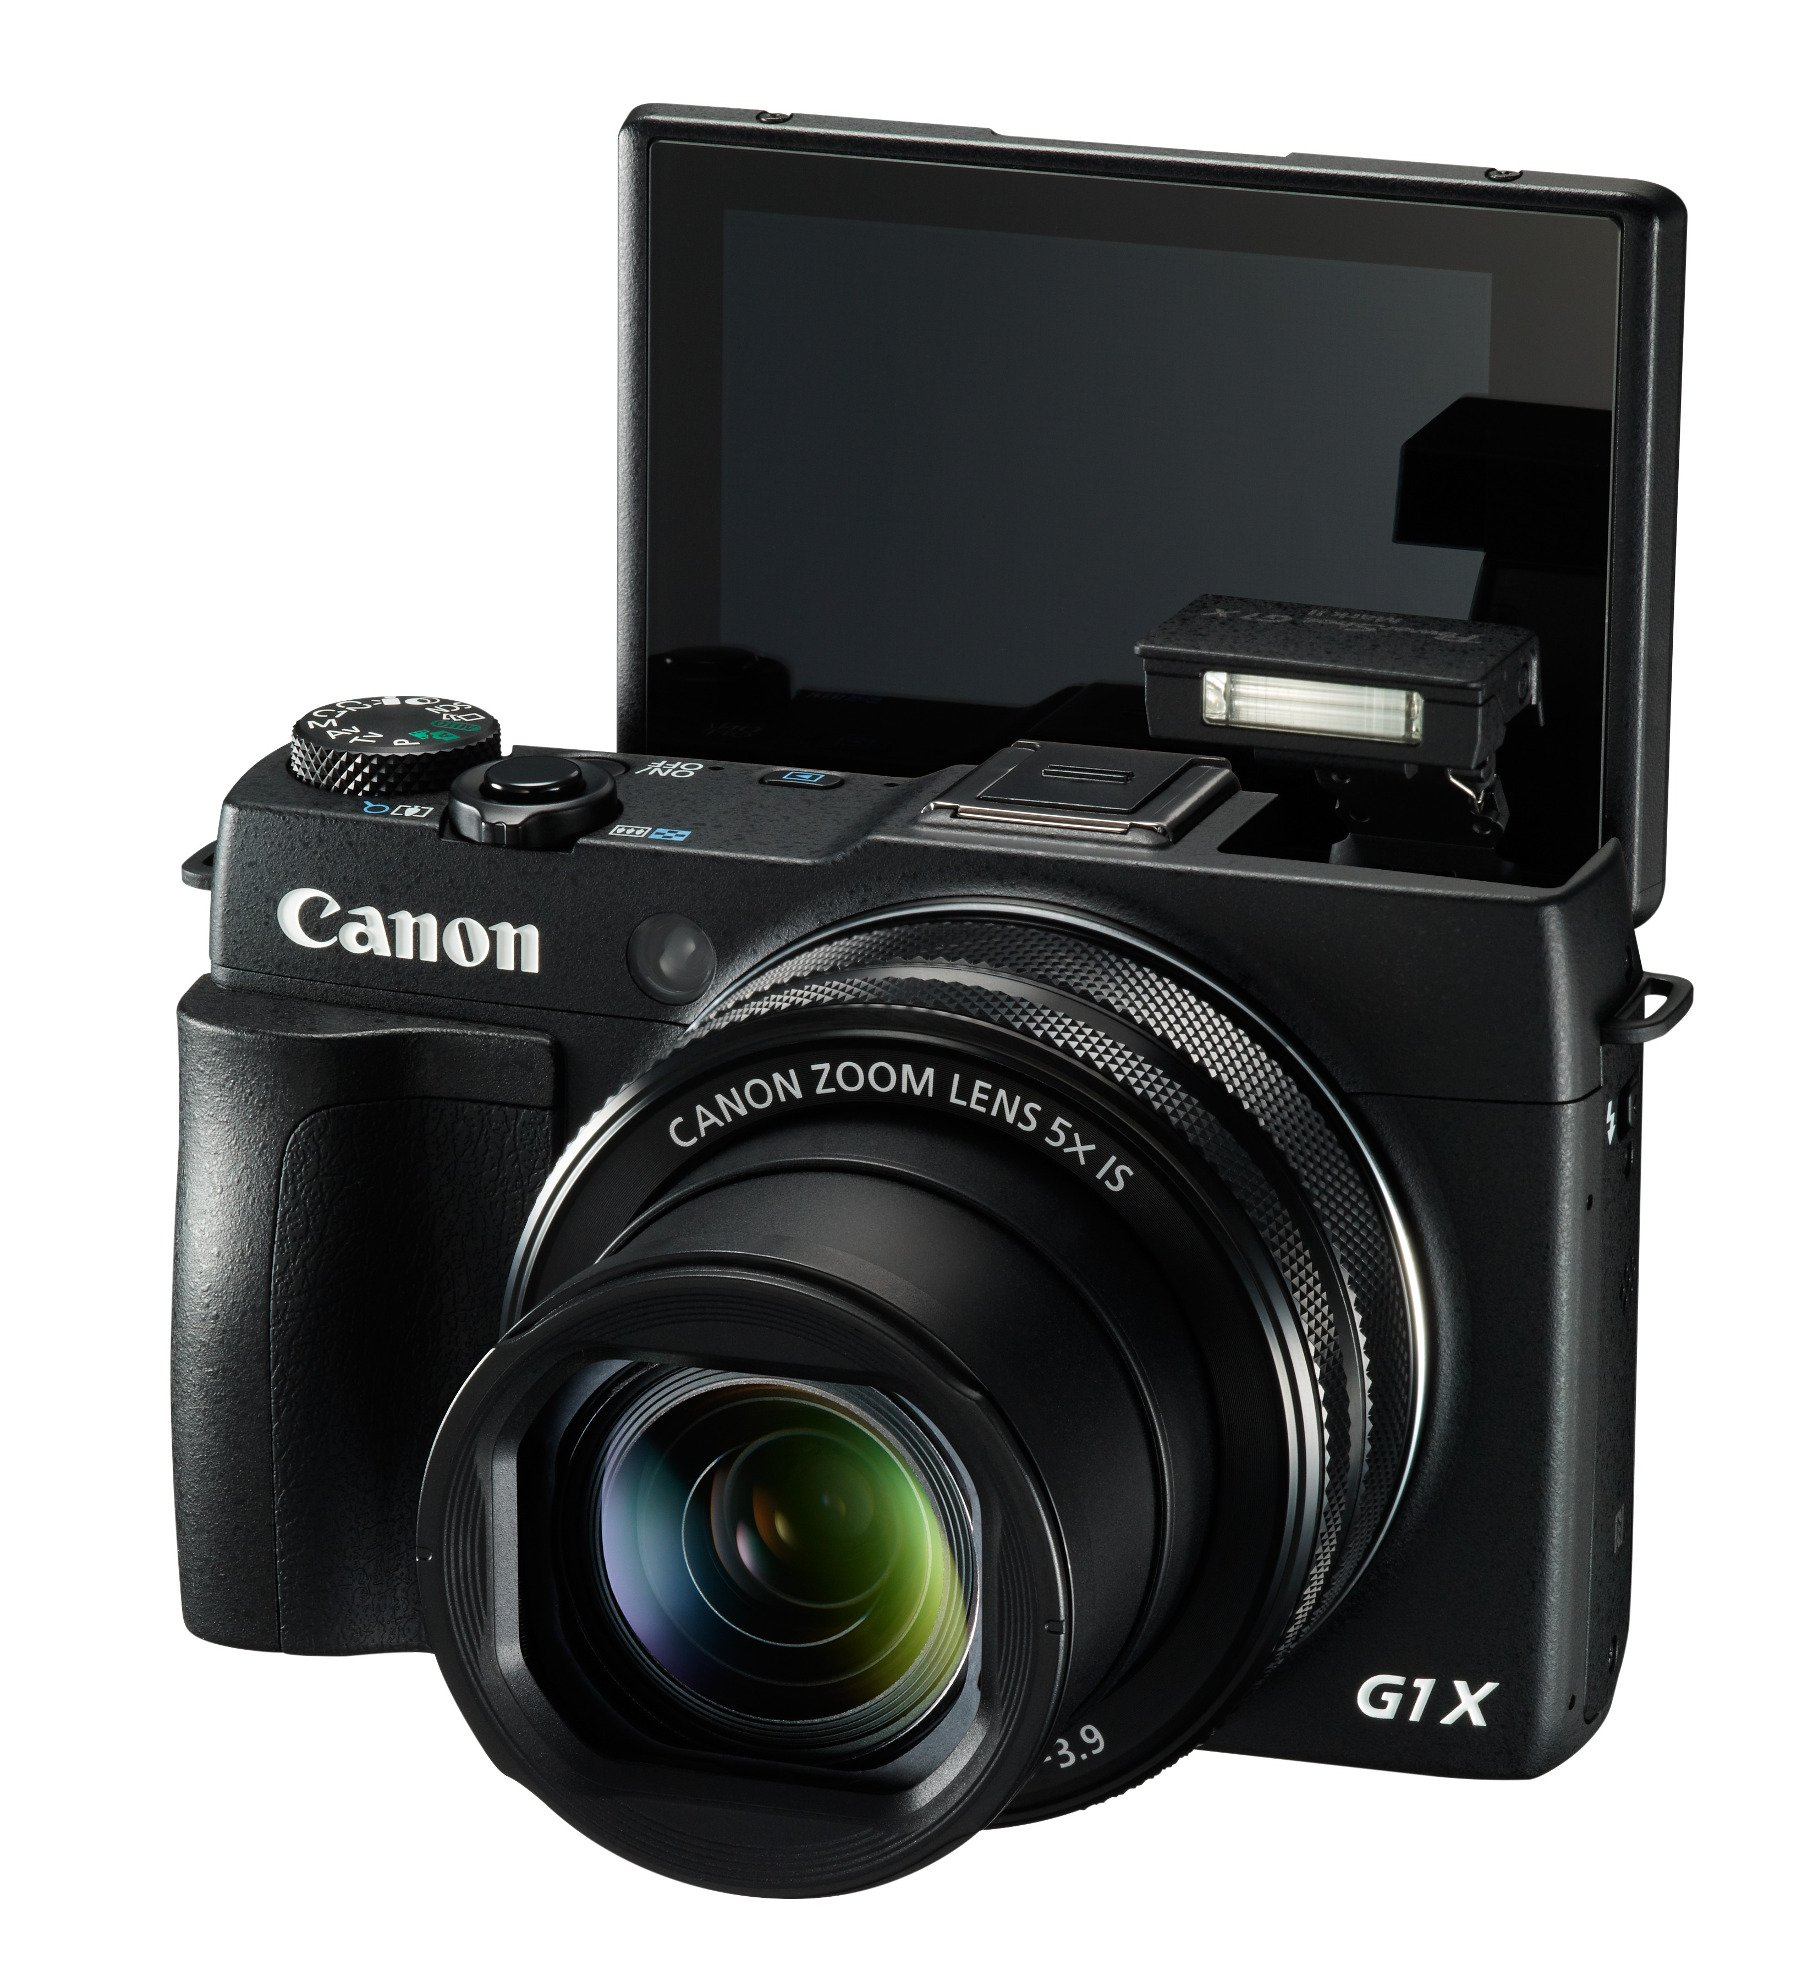 12.8MP Advanced Compact Camera in Black